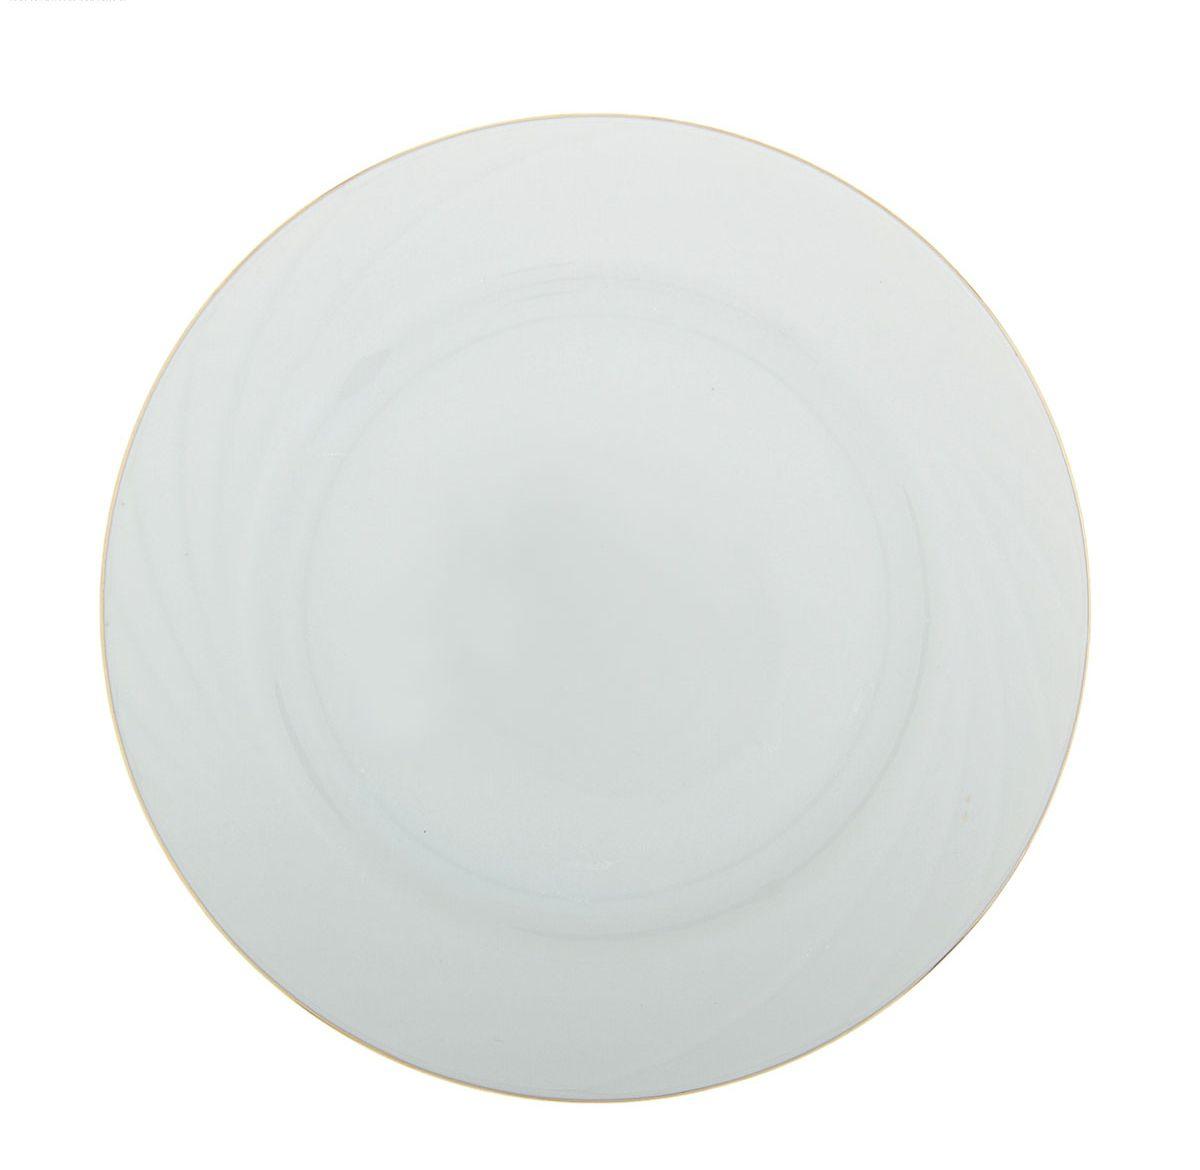 Тарелка мелкая Добрушский фарфоровый завод Голубка, диаметр 17,5 см507896Тарелка Голубка выполнена извысококачественного фарфора. Онапрекрасновпишется винтерьер вашей кухни и станет достойным дополнениемк кухонному инвентарю.Тарелка Голубка подчеркнет прекрасный вкус хозяйкии станет отличным подарком.